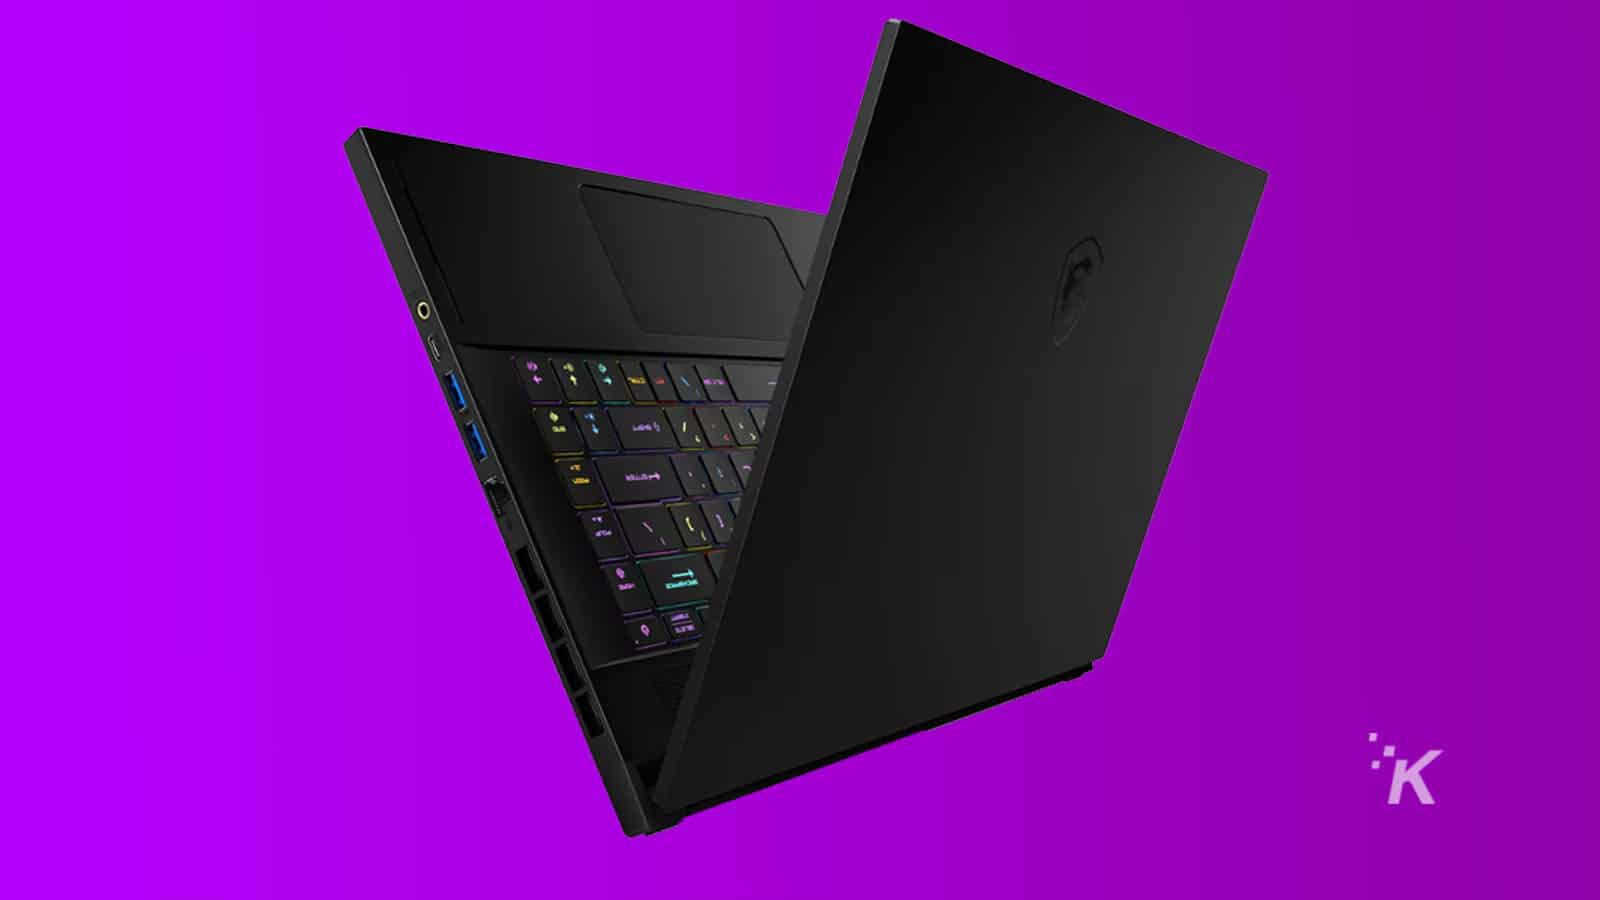 new msi laptop